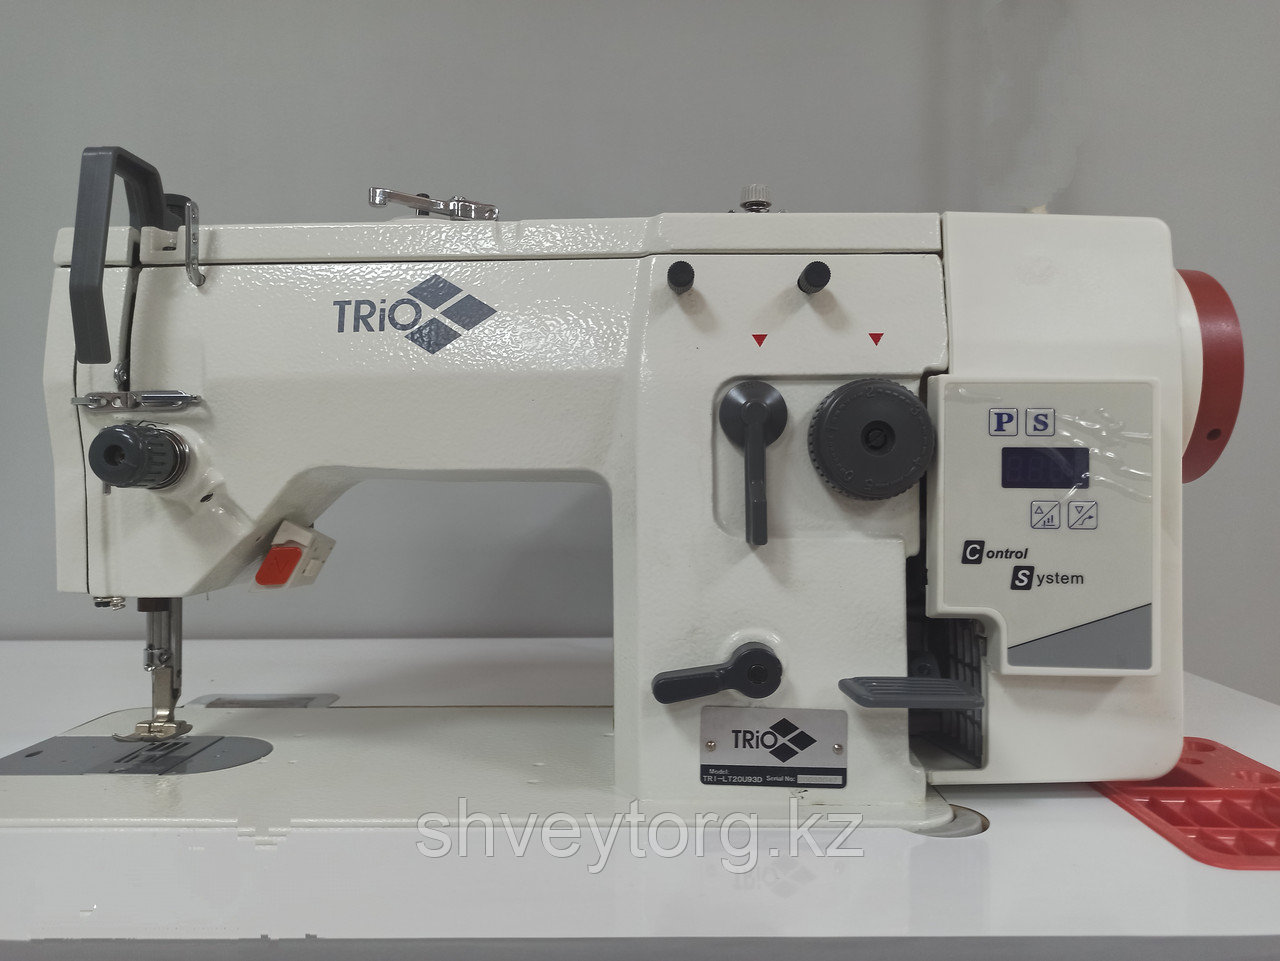 Промышленная одноигольная  швейная машина строчки ЗИГЗАГ TRIO TRI-LT20U93D